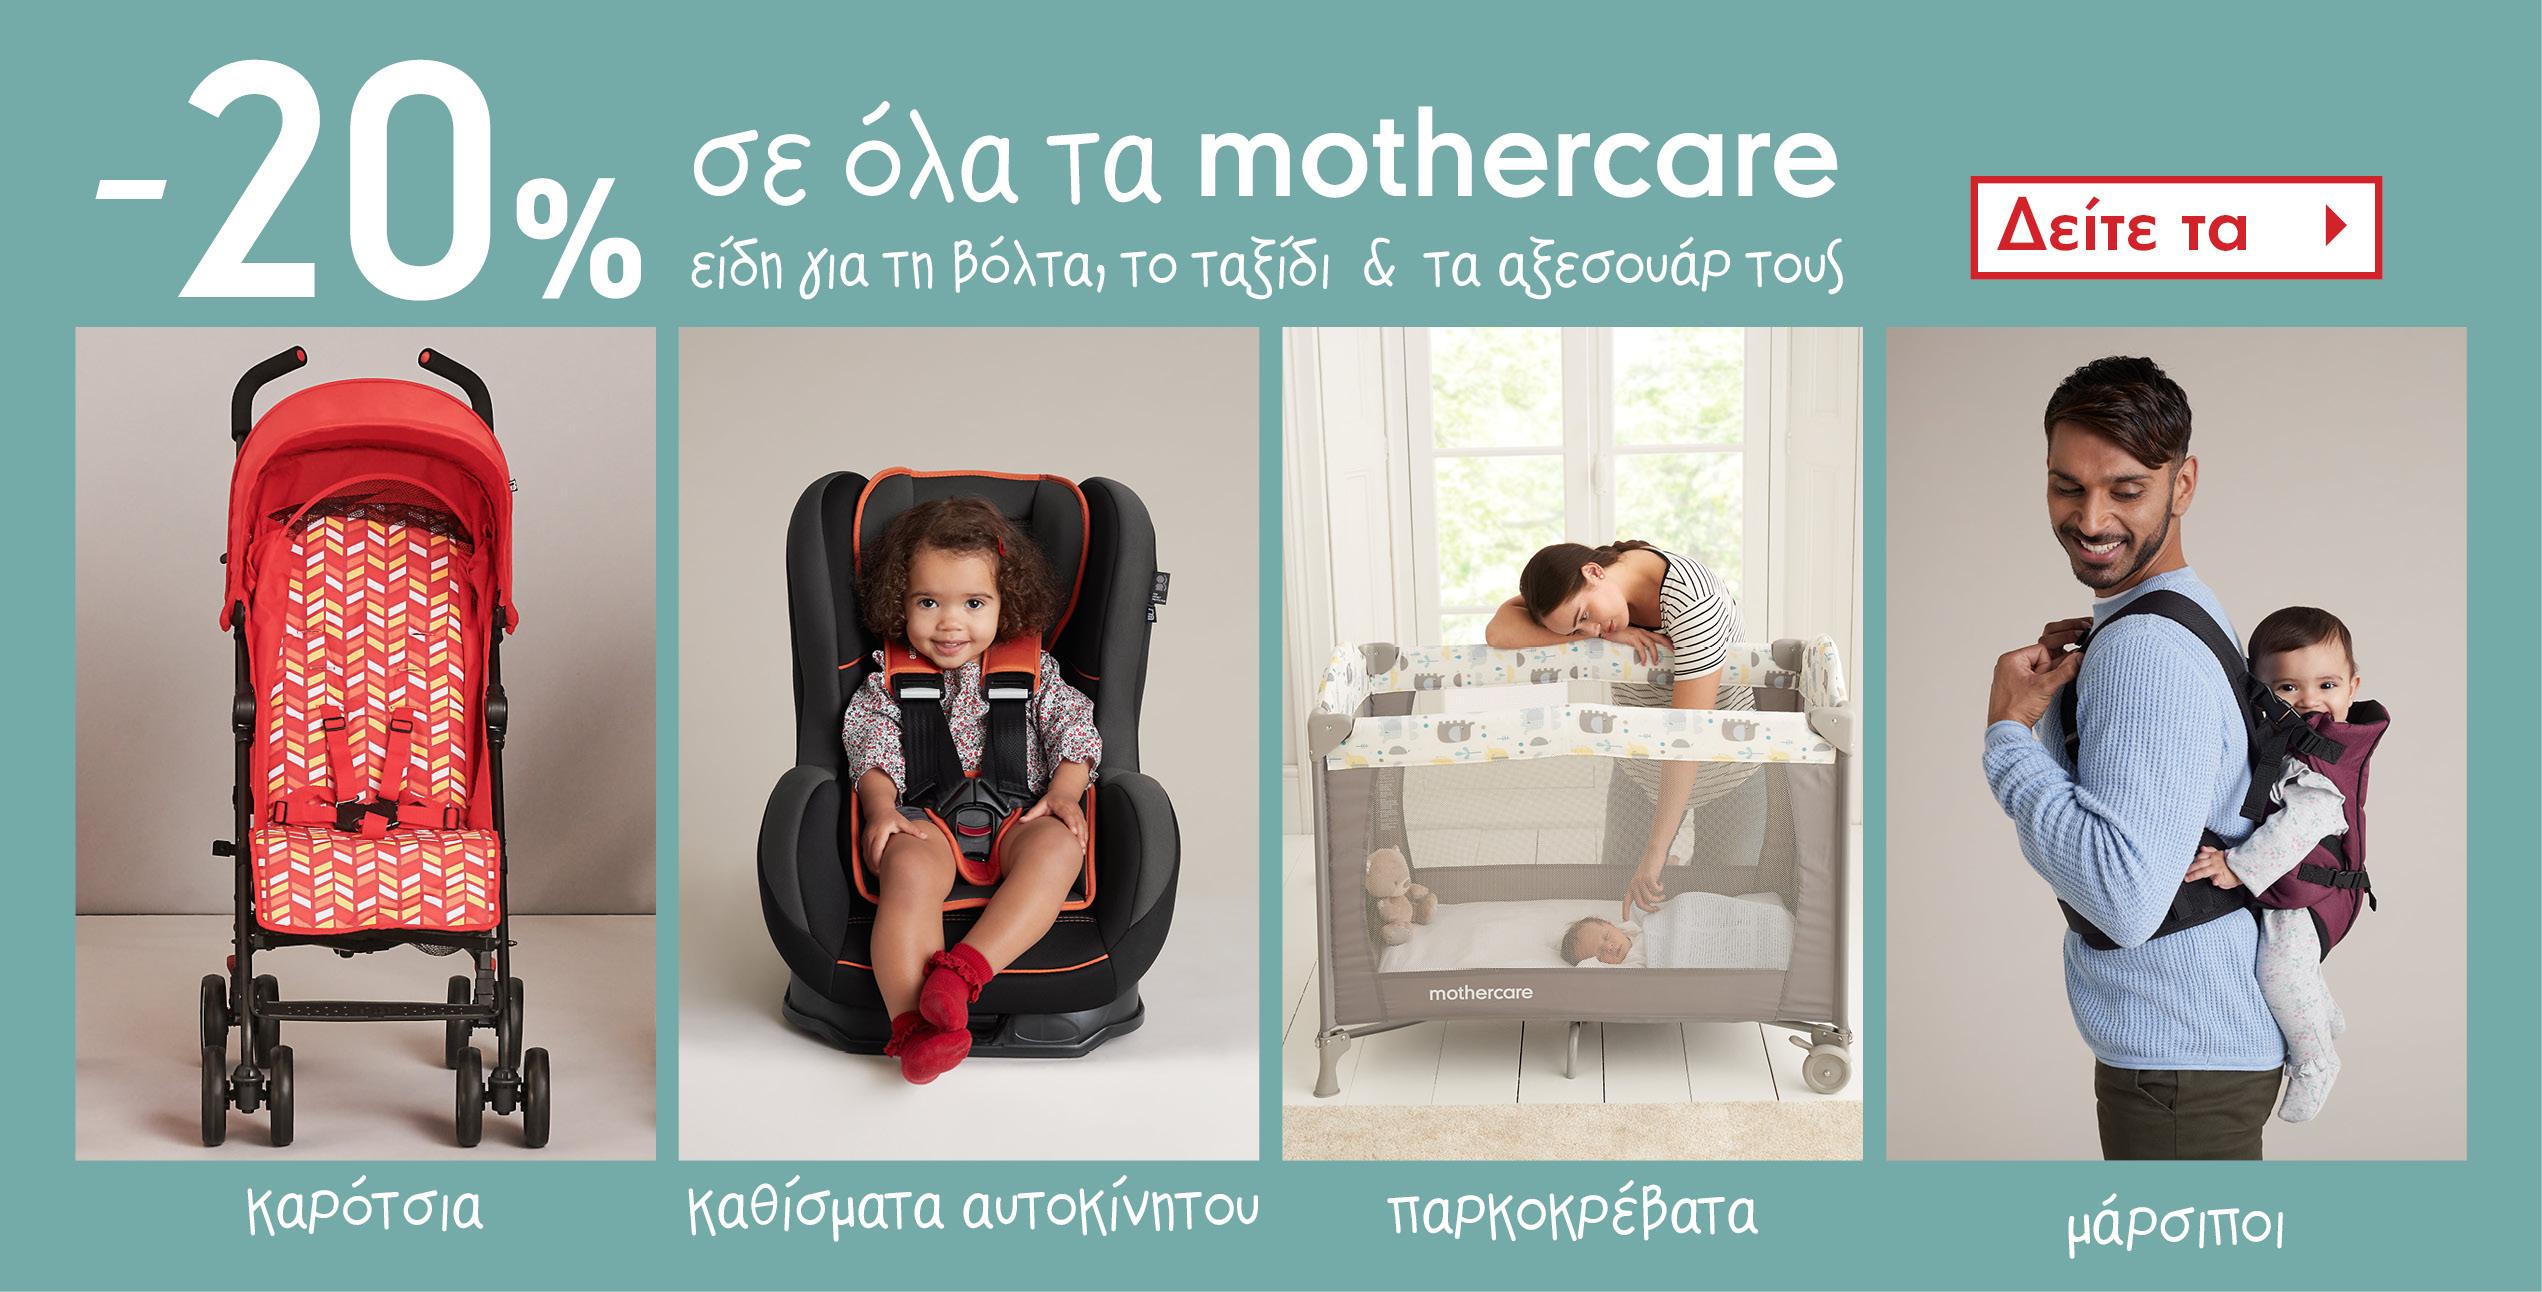 -20% σε όλα τα mothercare είδη καρότσια, καθίσματα αυτοκίνητου, παρκοκρέβατα, μάρσιπους και αξεσουάρ